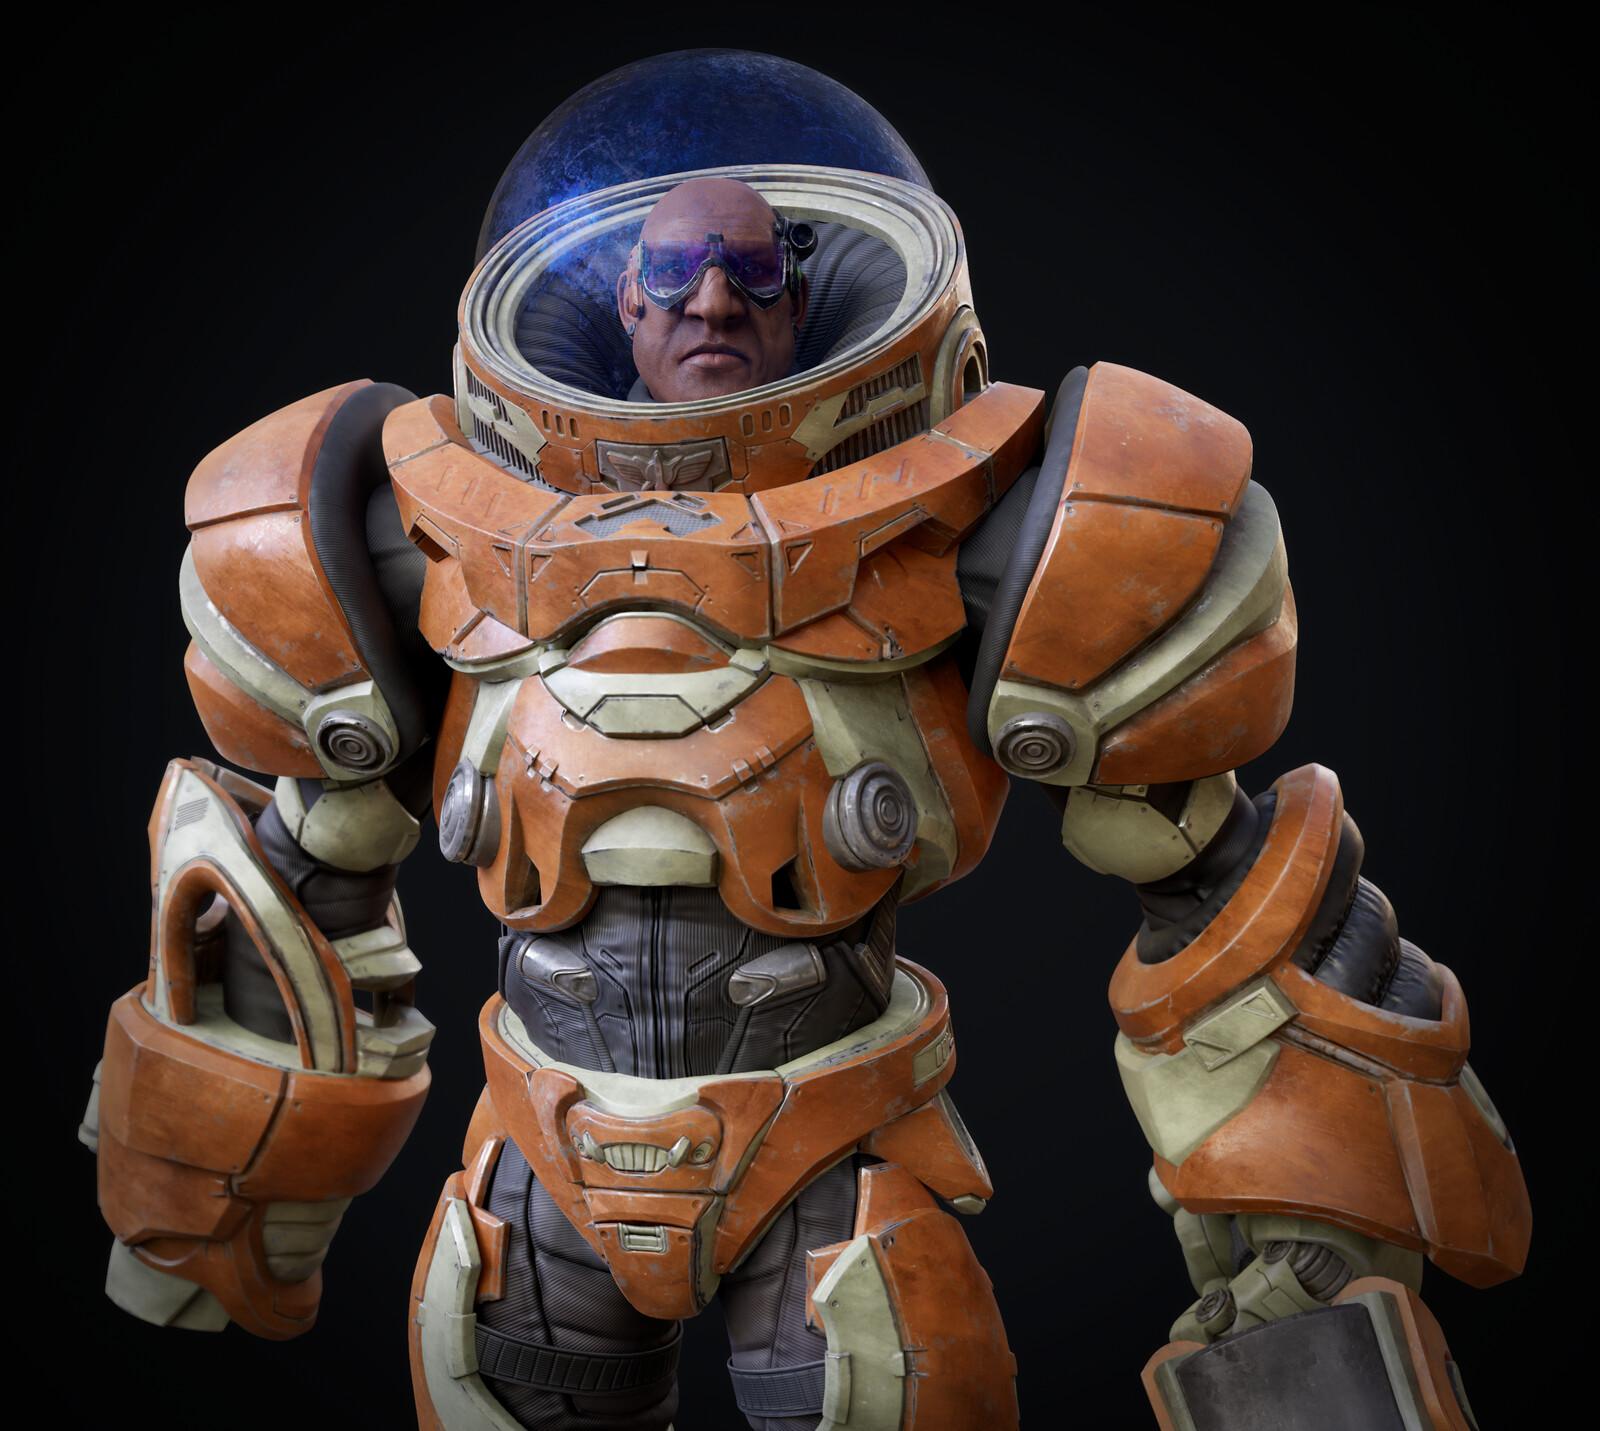 Space suit project